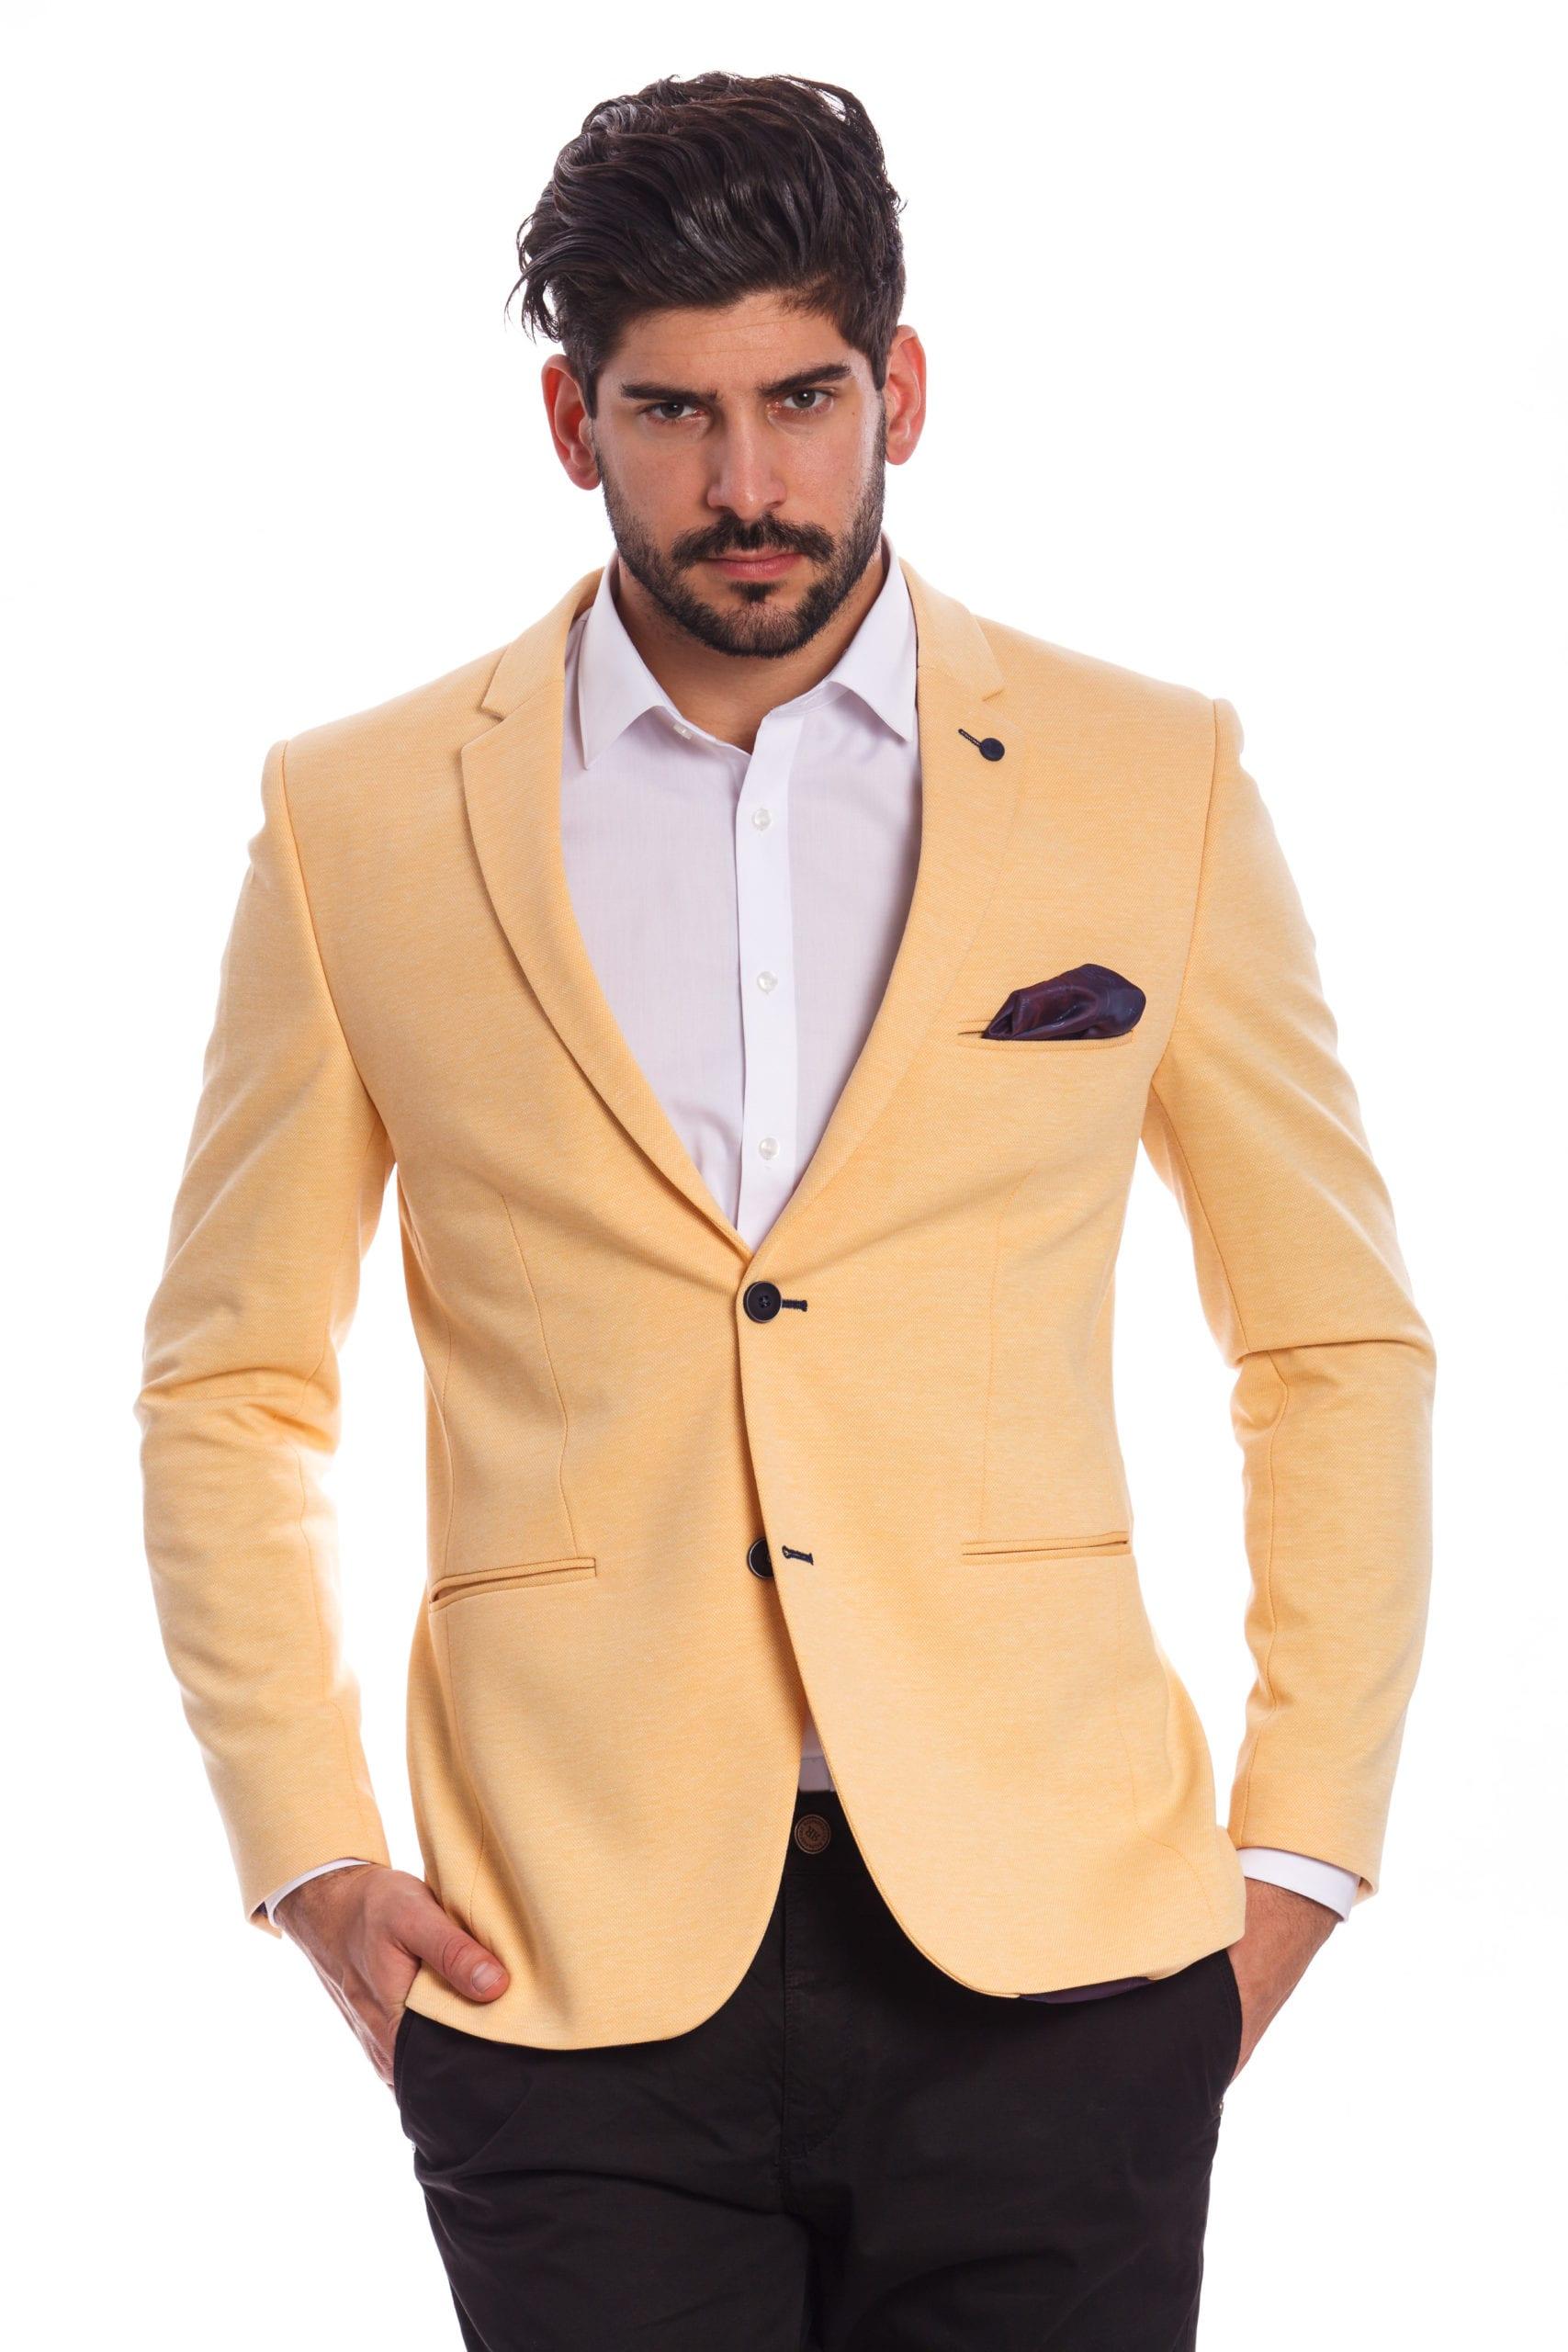 ee8e322823 Bozen Napsárga Slim Fit Sportzakó - Elite Fashion Öltönyház